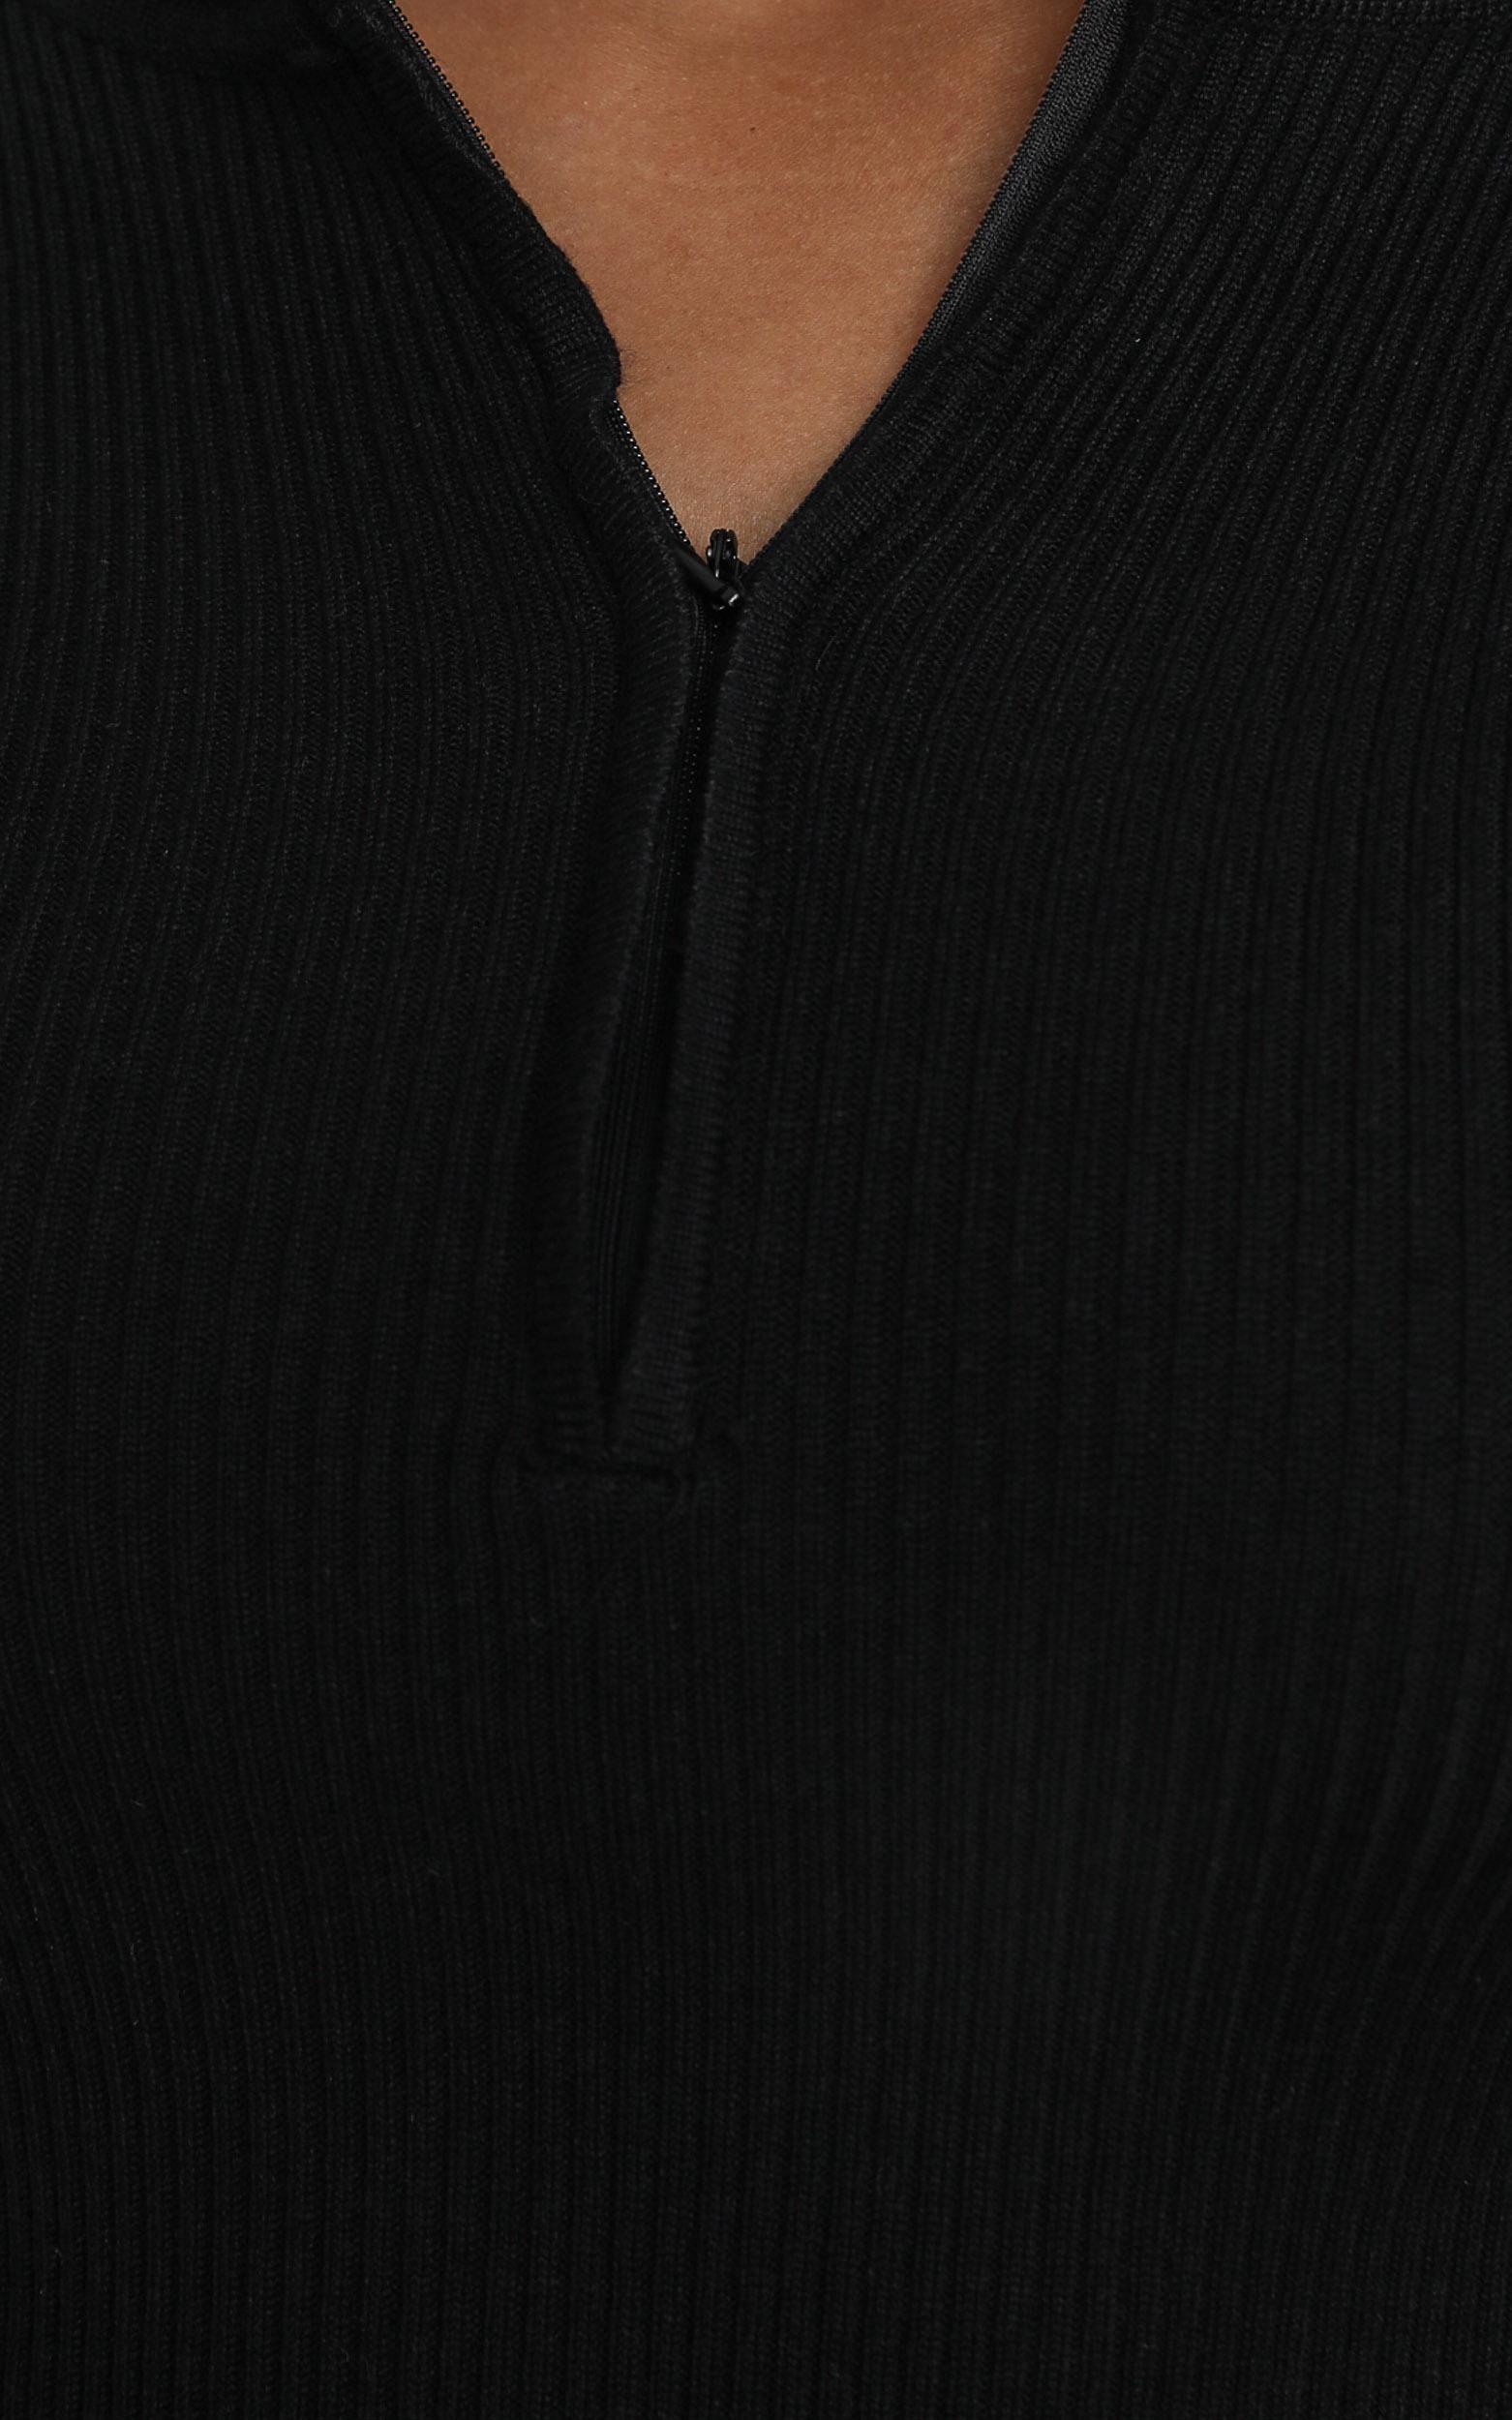 Malone Dress in Black - 12 (L), Black, hi-res image number null